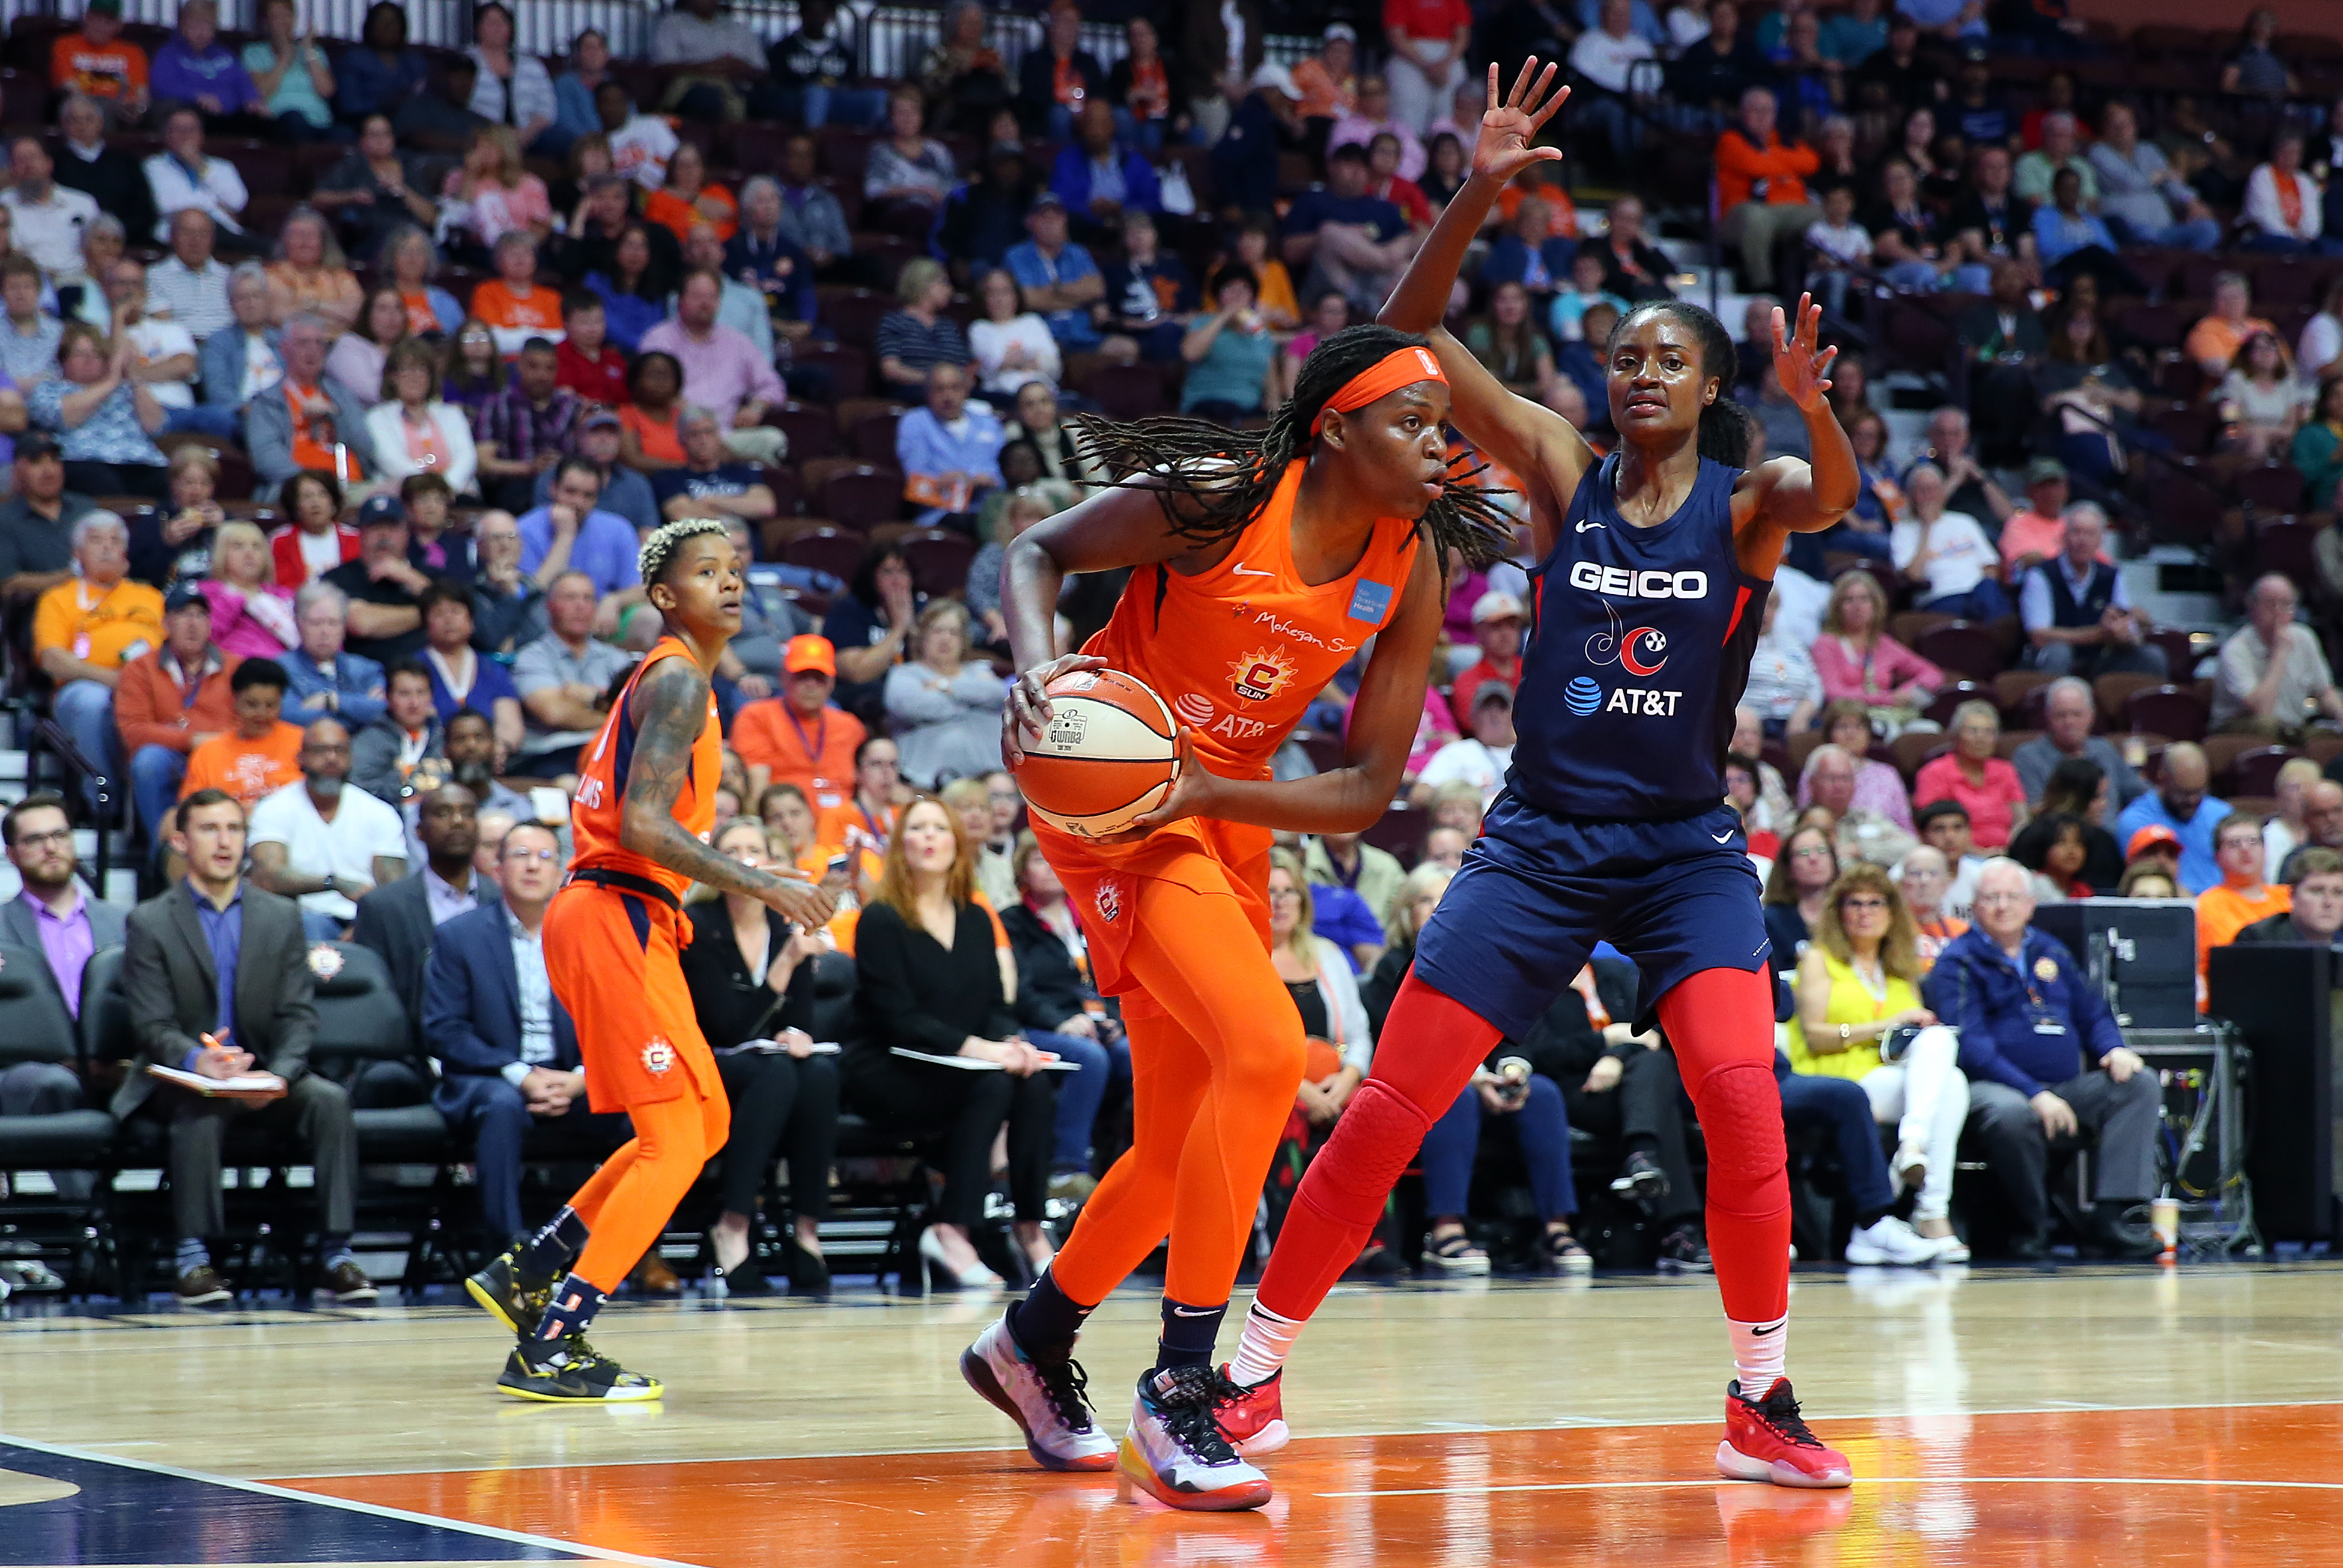 WNBA: JUN 11 Washington Mystics at Connecticut Sun